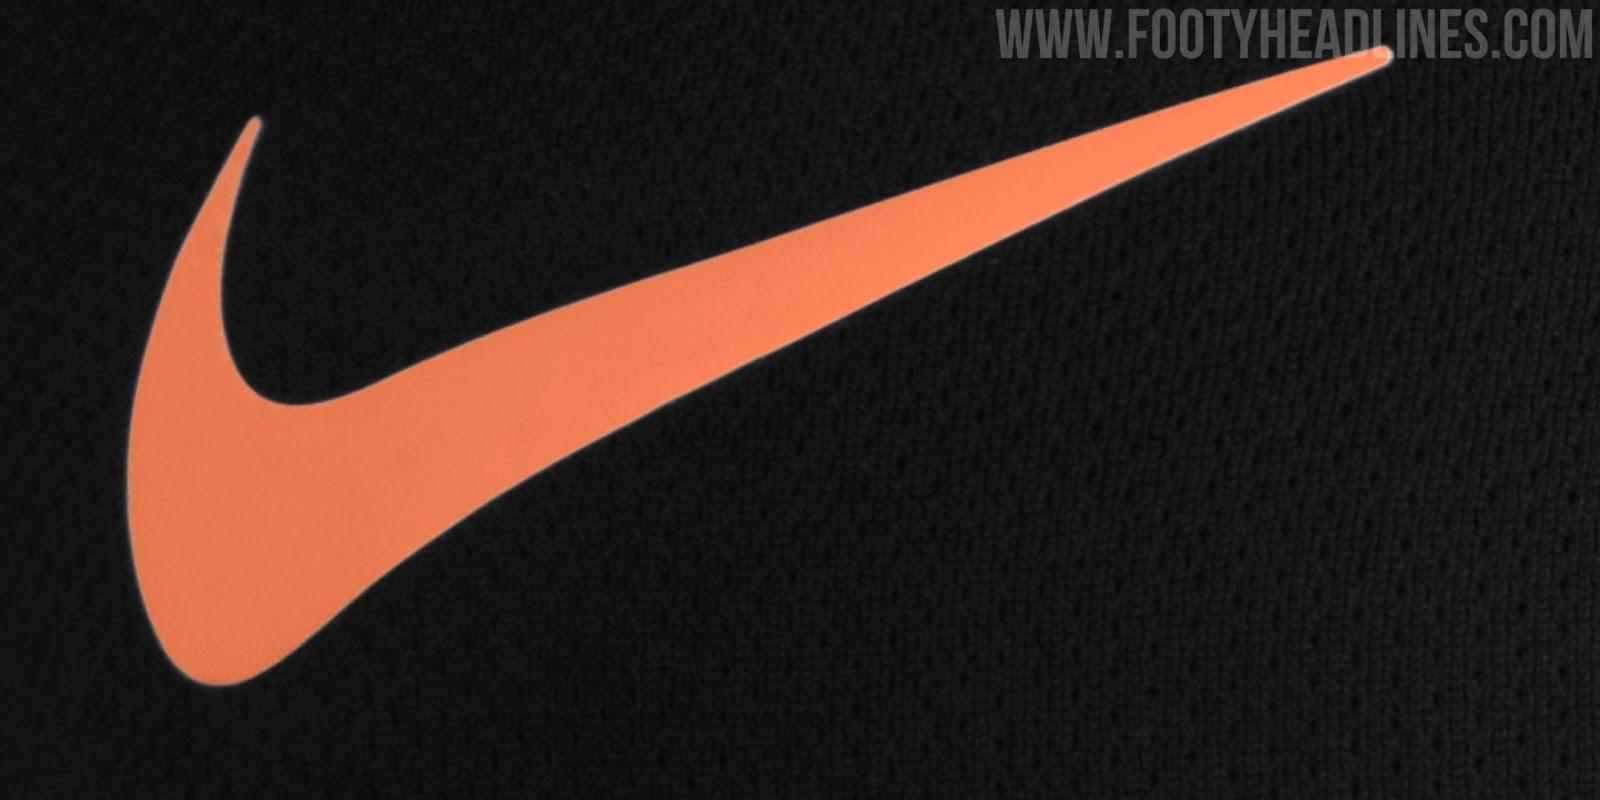 Footy Headlines filtra esta camiseta para el año que viene...¿vuelve el escudo? 2